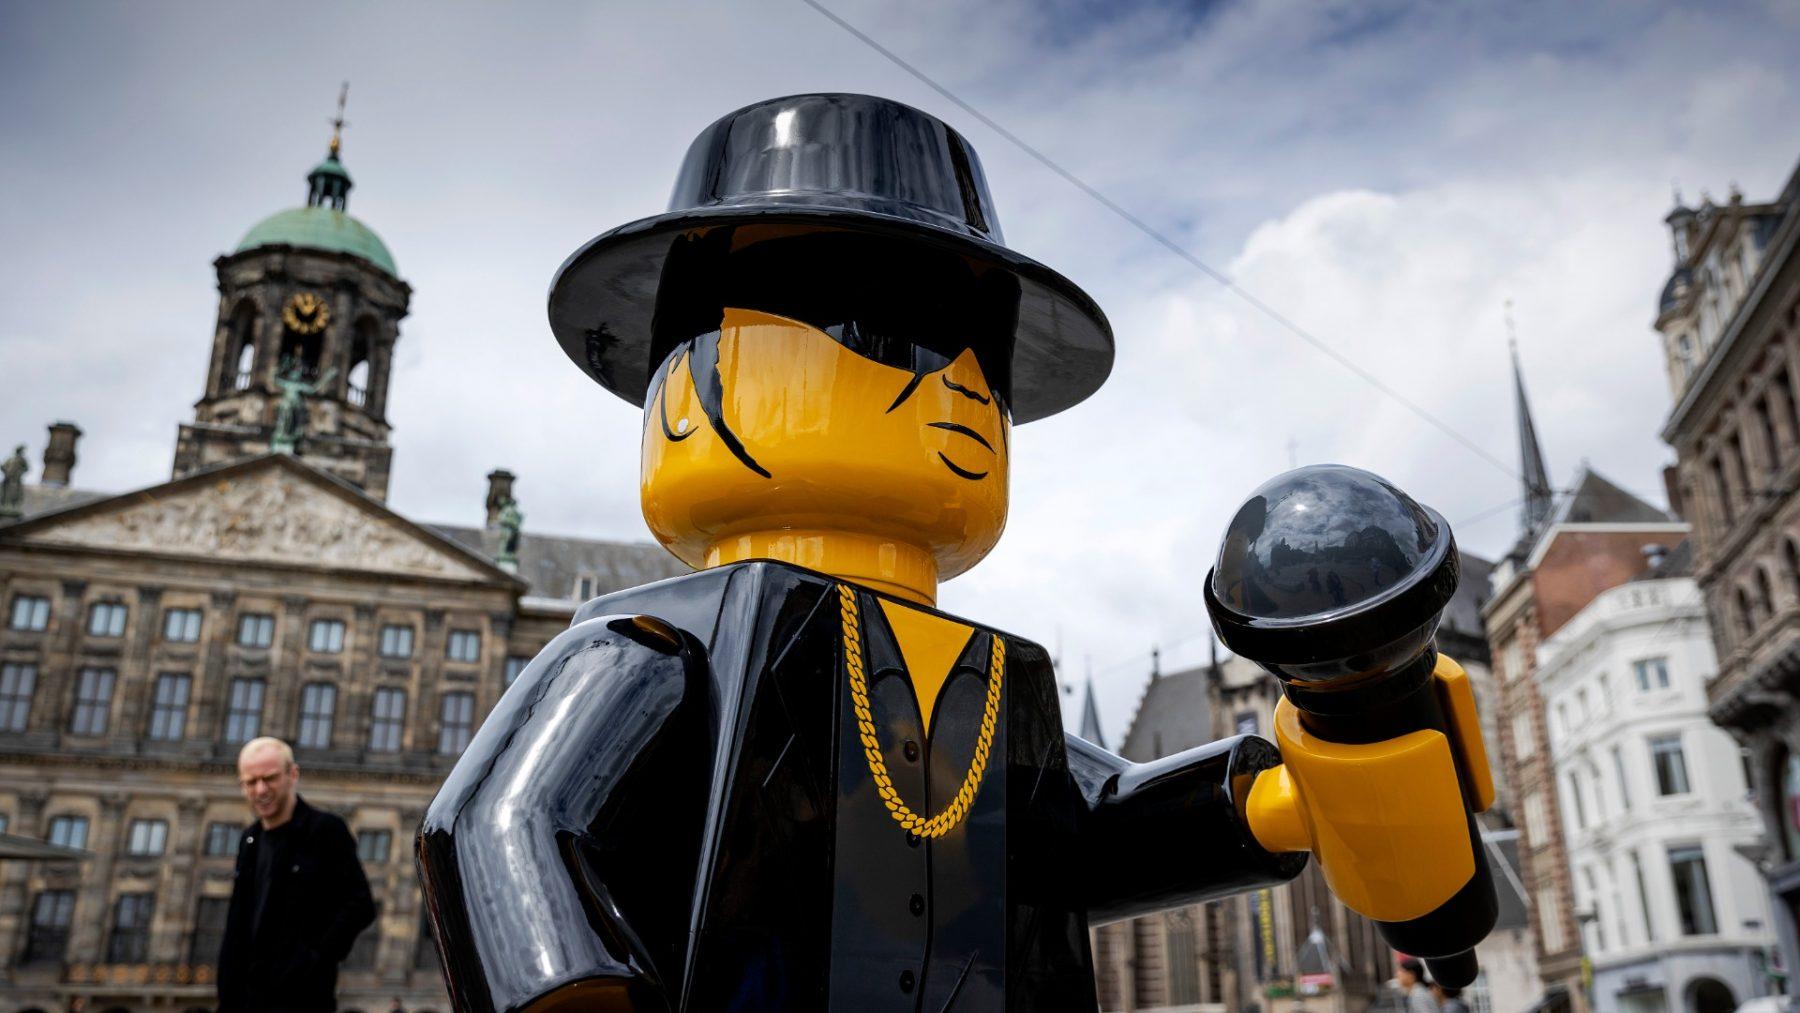 Bloed, zweet en tranen: Legobeeld van André Hazes op de Dam onthoofd